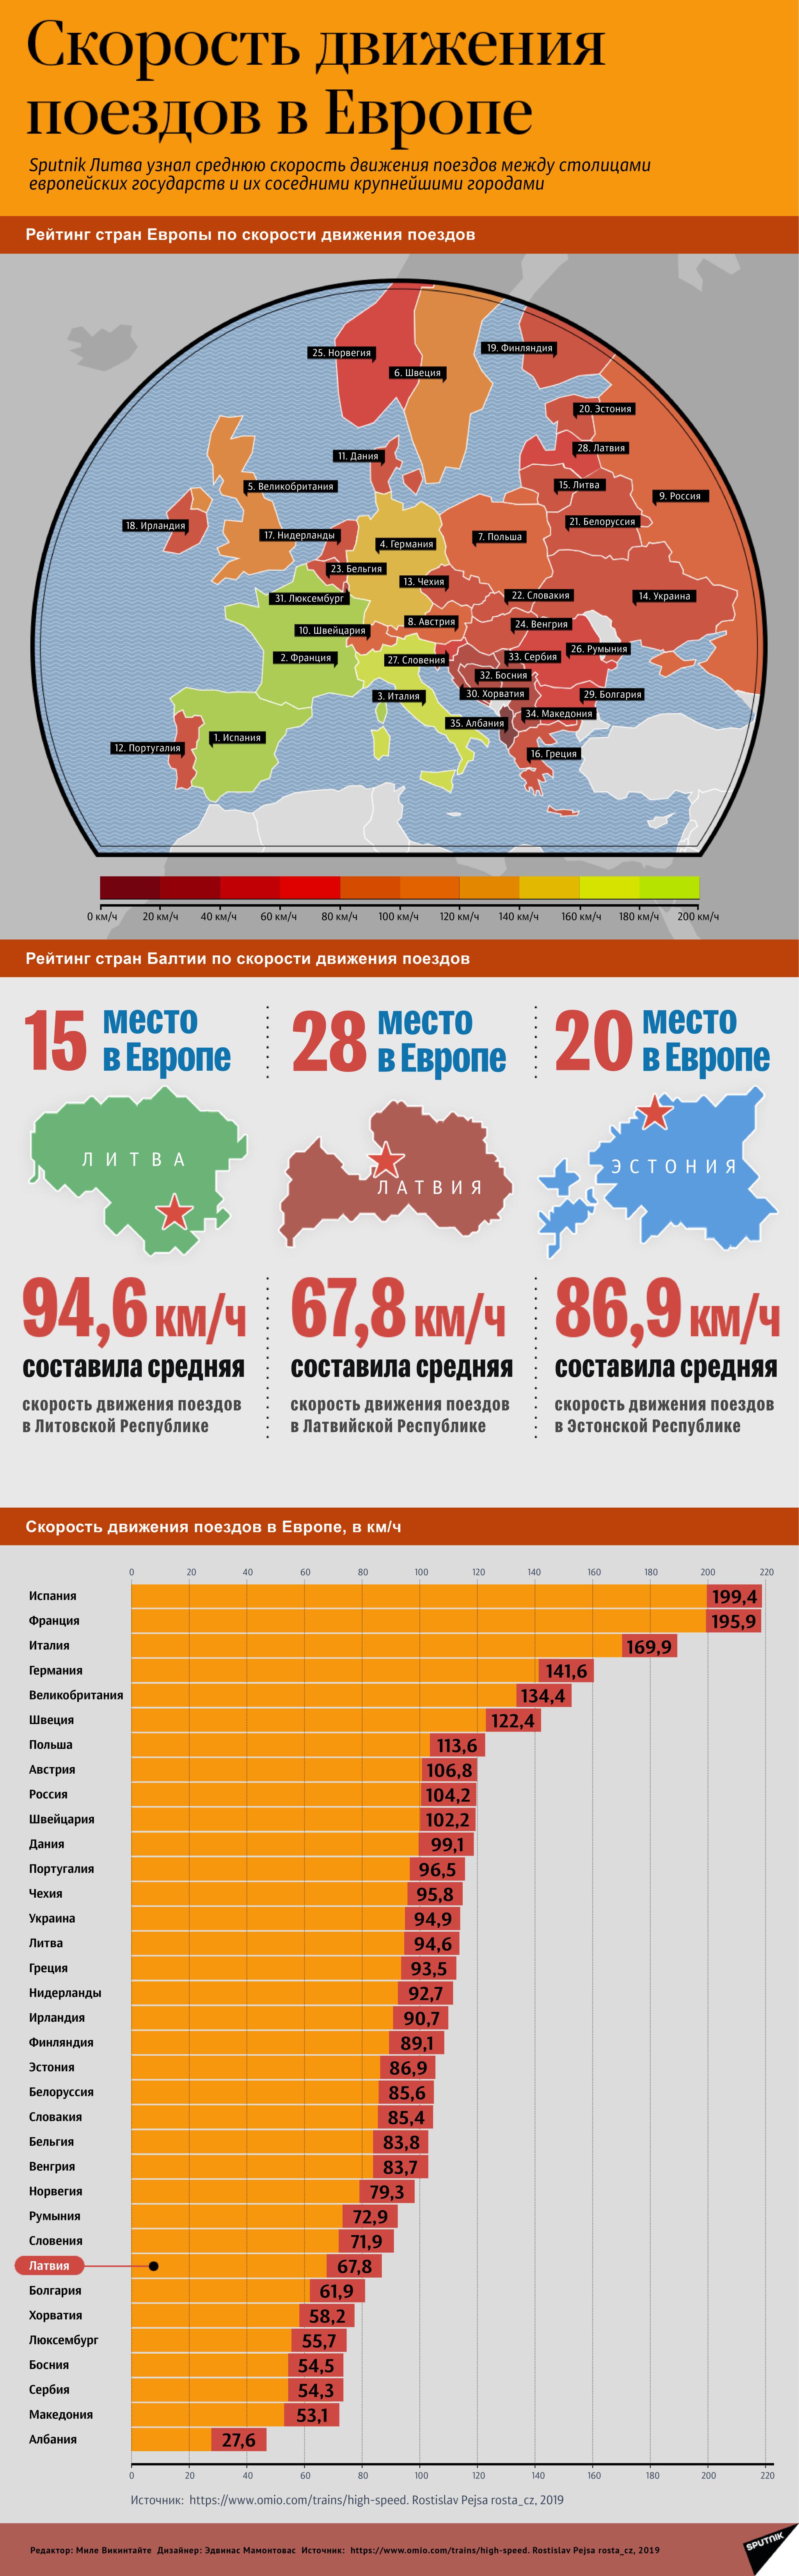 Средняя скорость движения поездов в  Европе - Sputnik Латвия